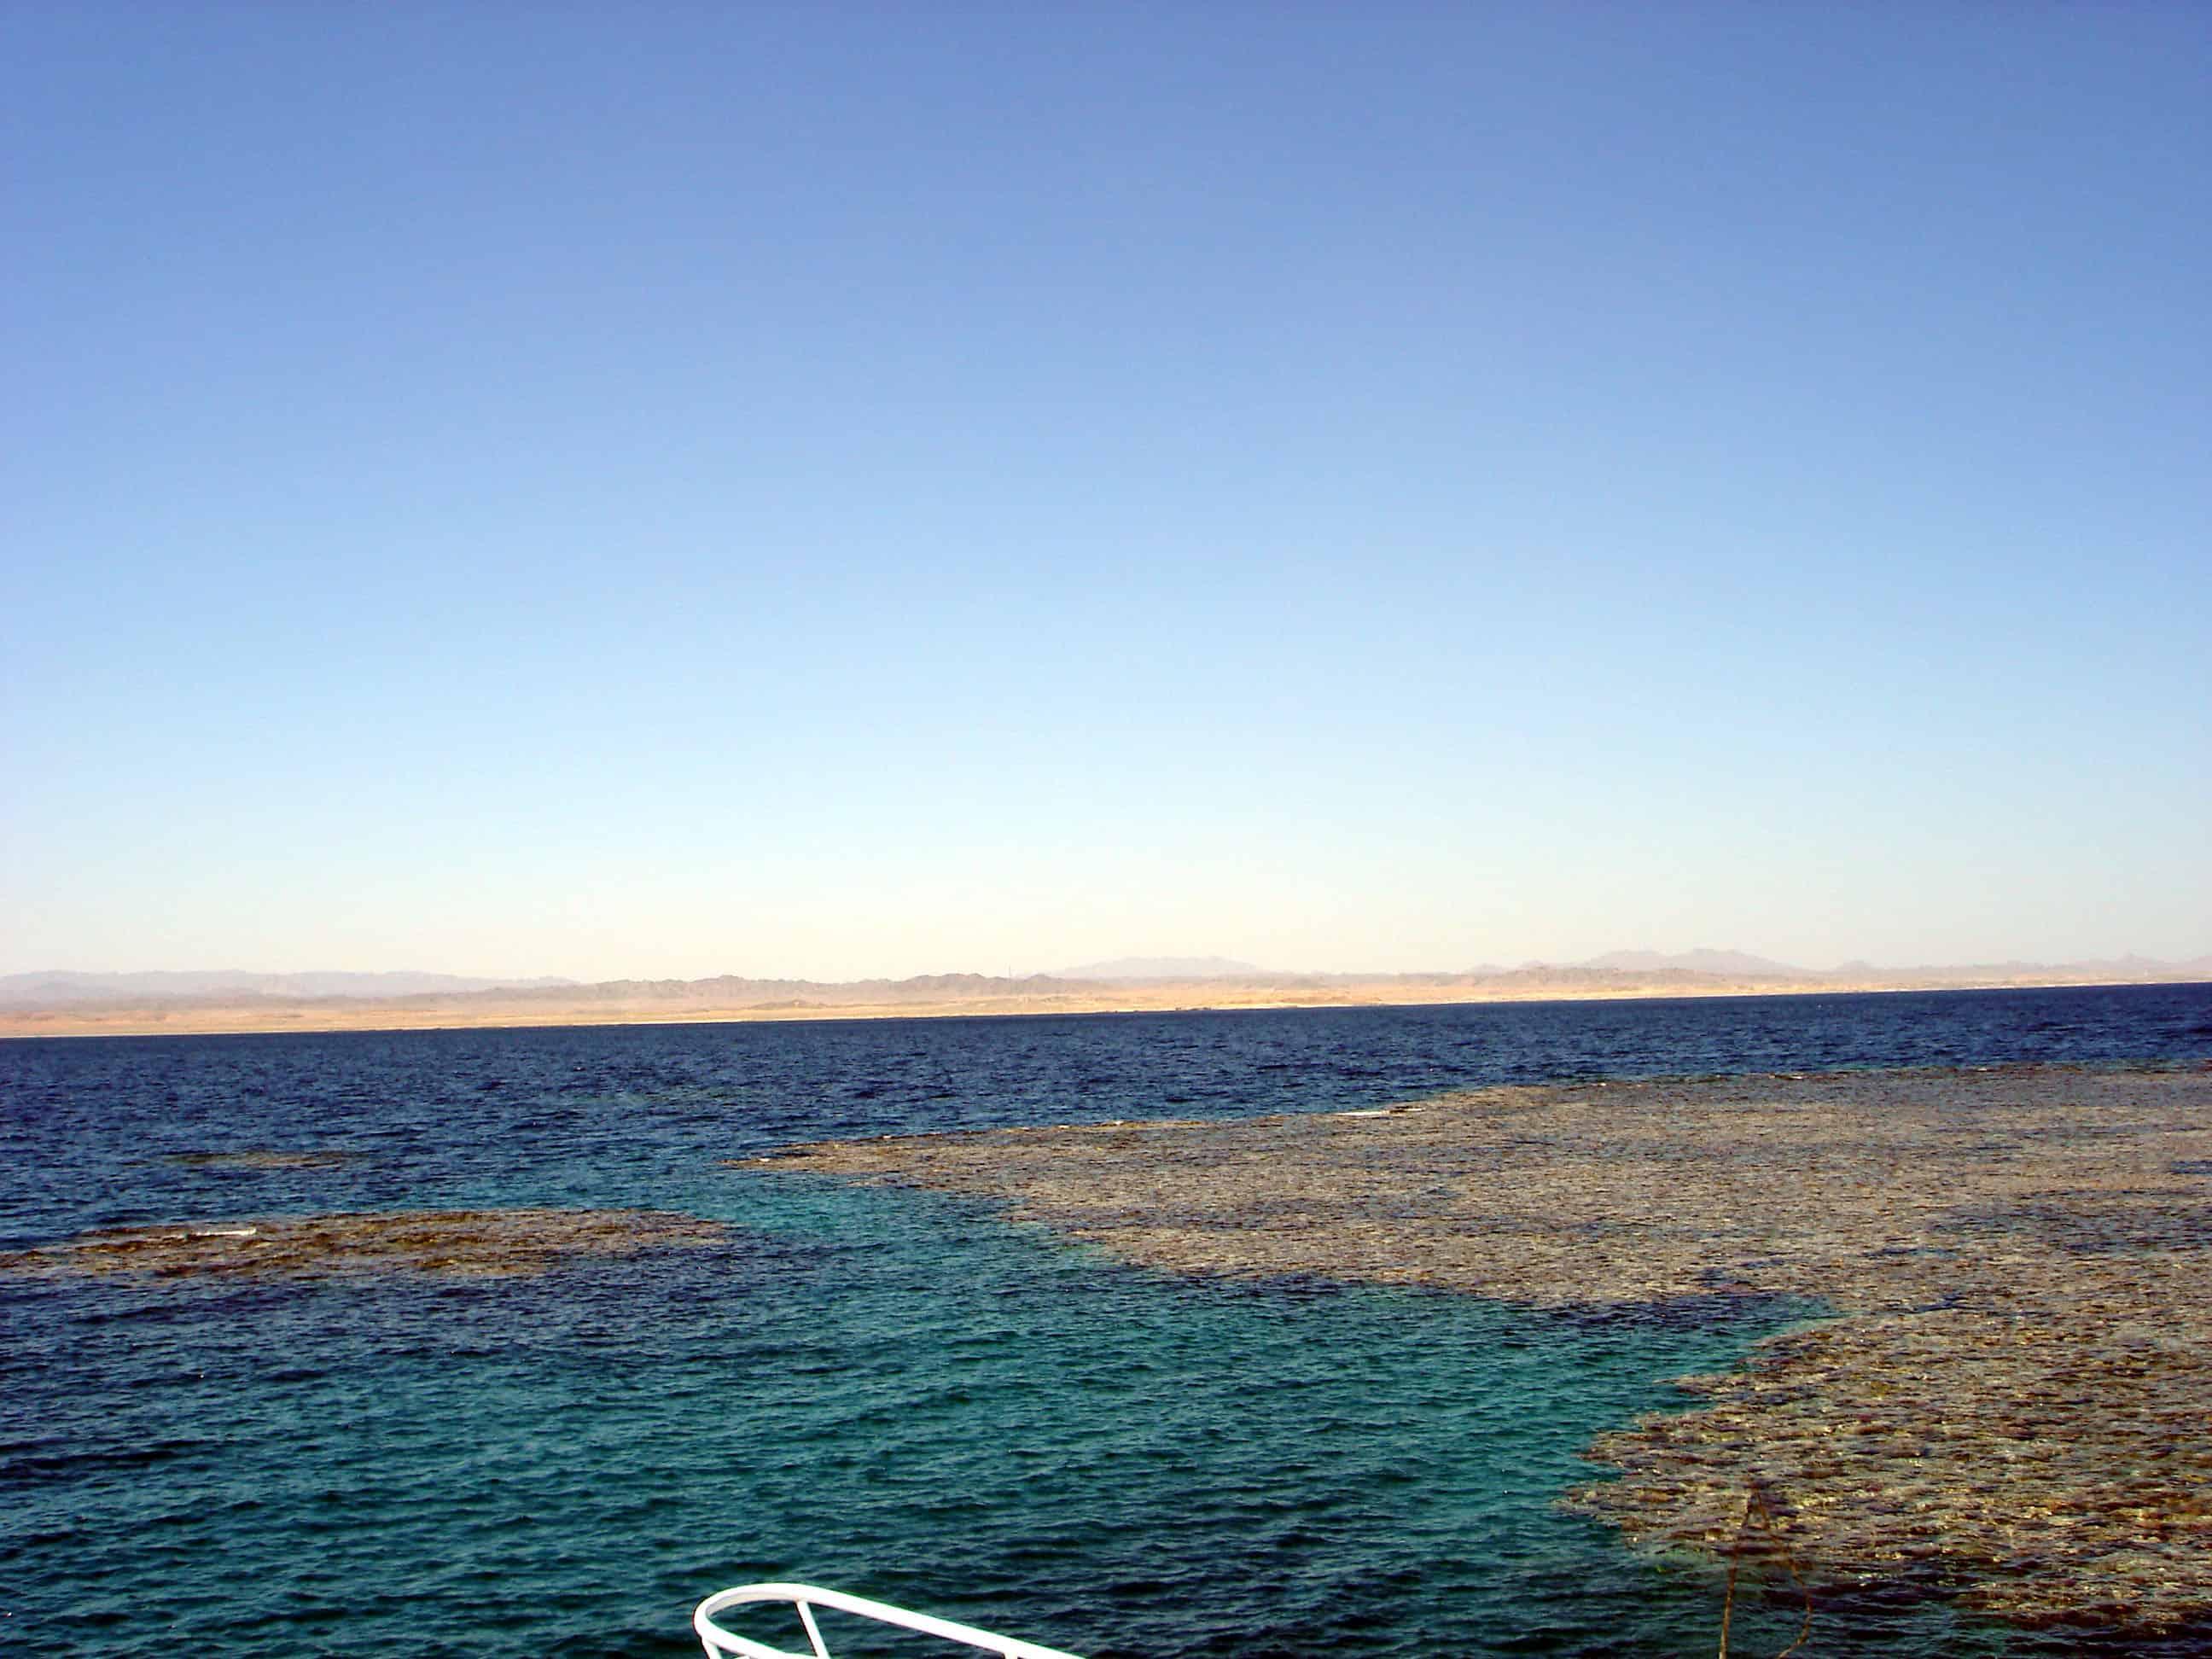 Elphinstone_Reef